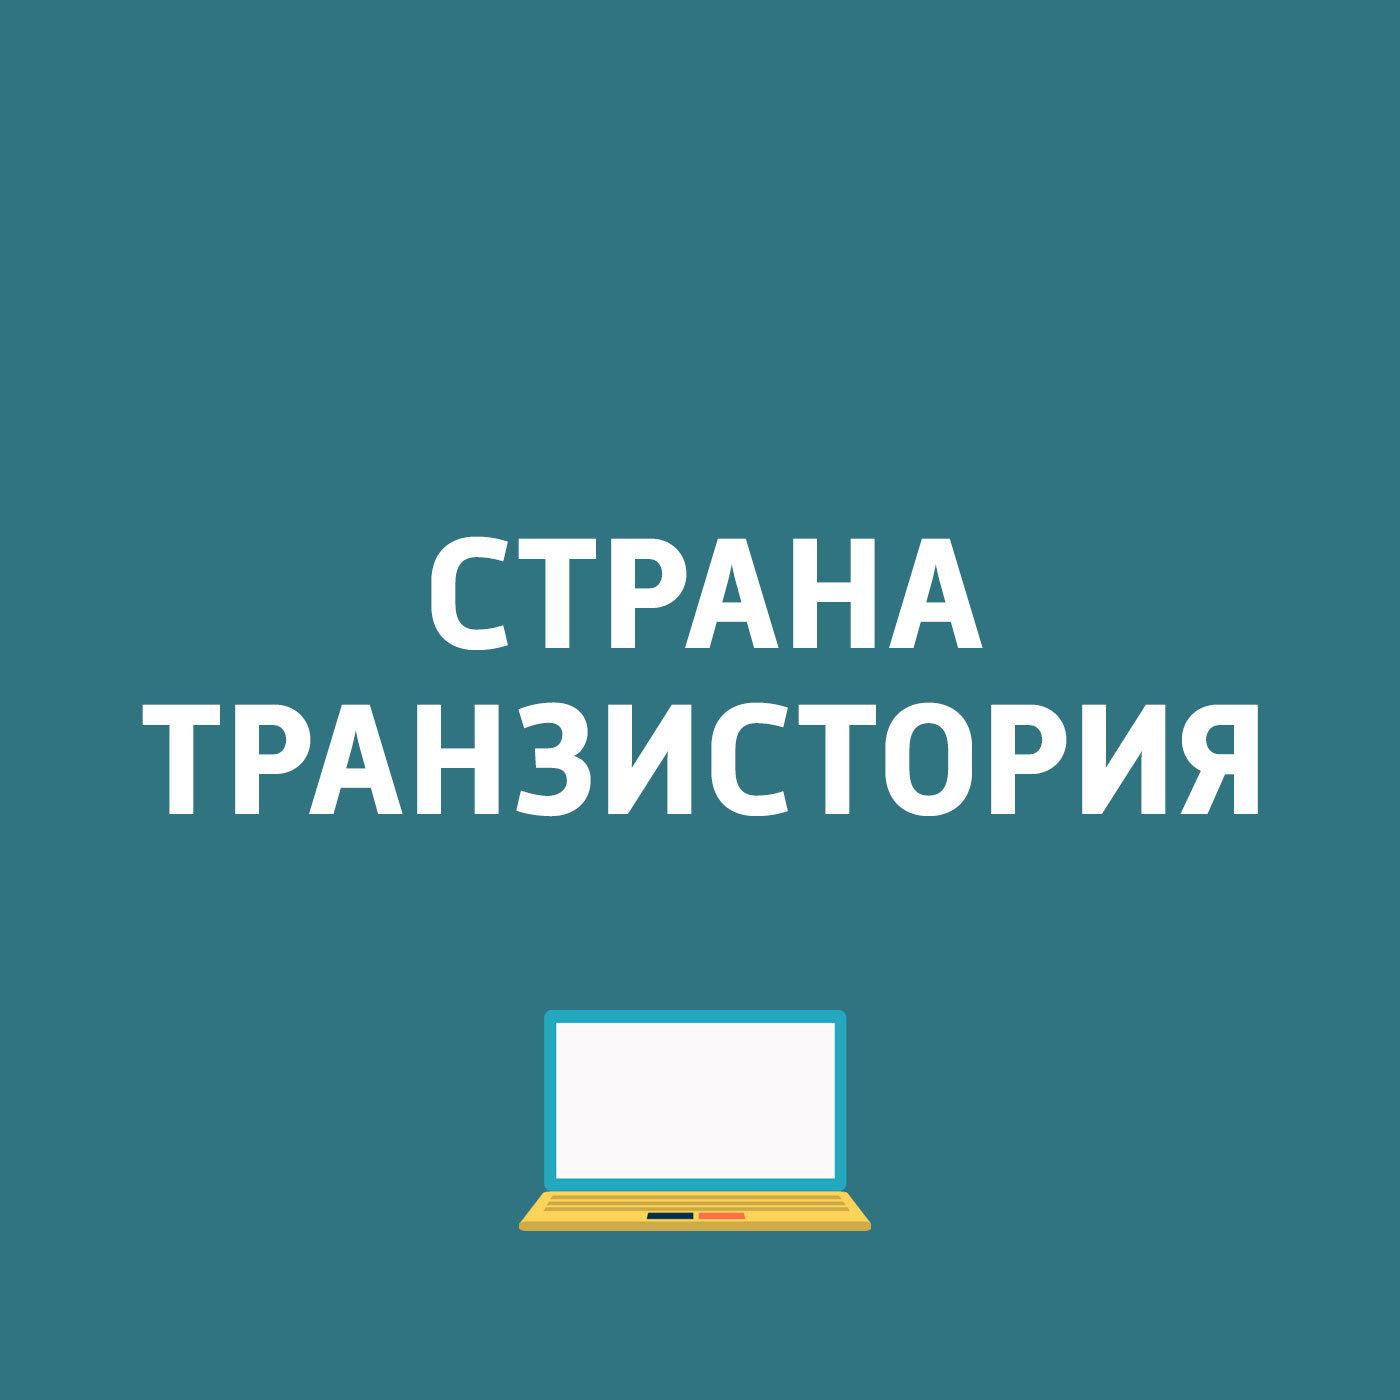 Презентация смартфона Find X; YouTube Music и YouTube Premium заработали в 12 новых странах, в том числе и в России